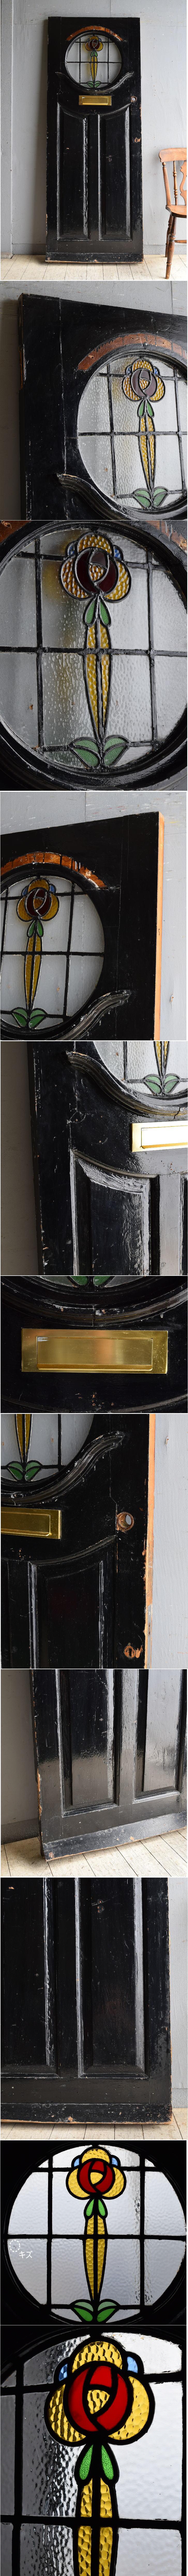 イギリス アンティーク ステンドグラス入り木製ドア 扉 建具 8577